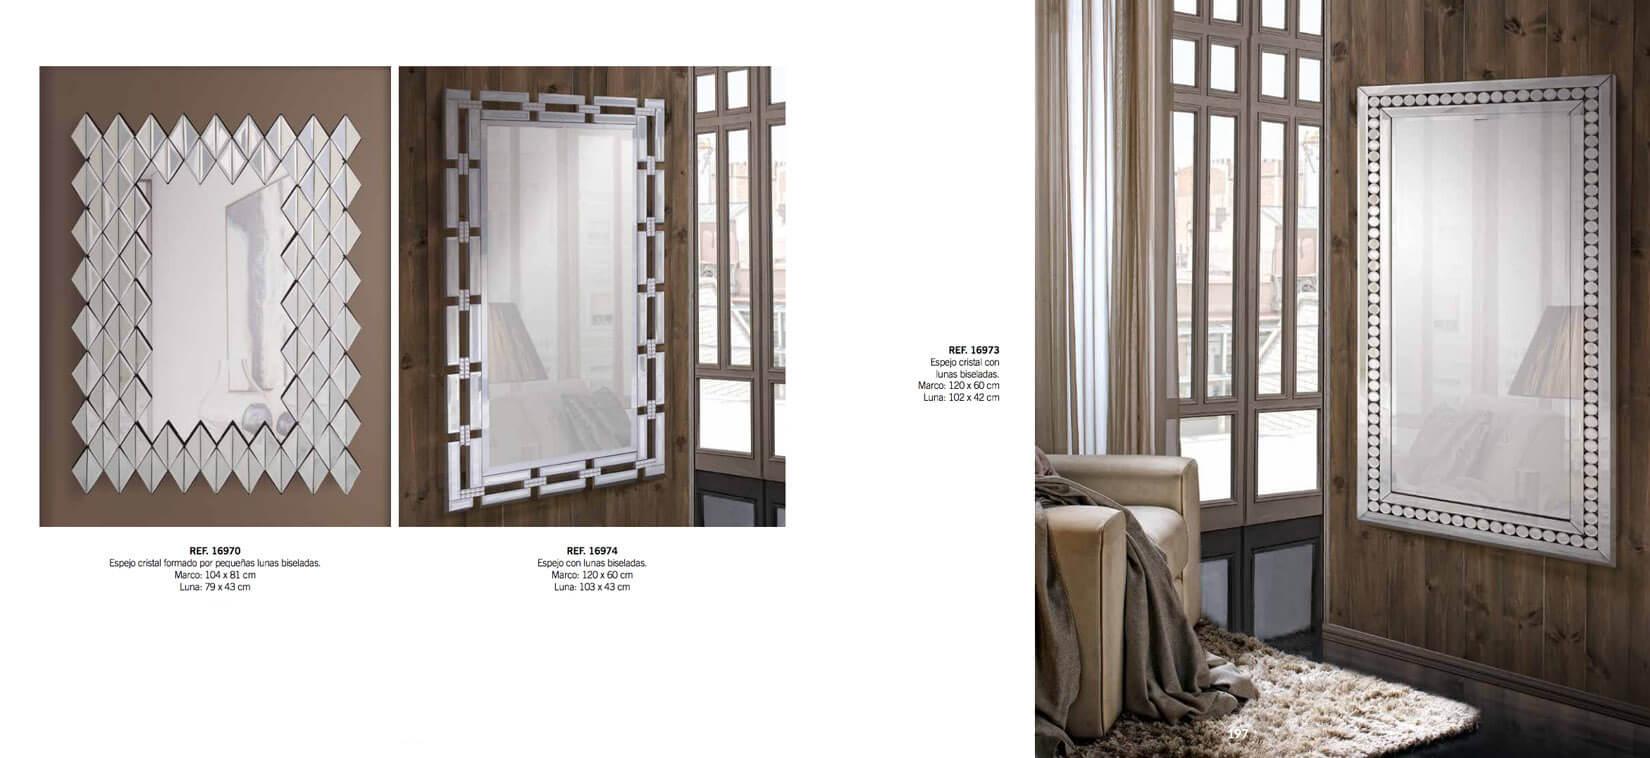 Interiorismo Espejos GYC - Ref. 0002